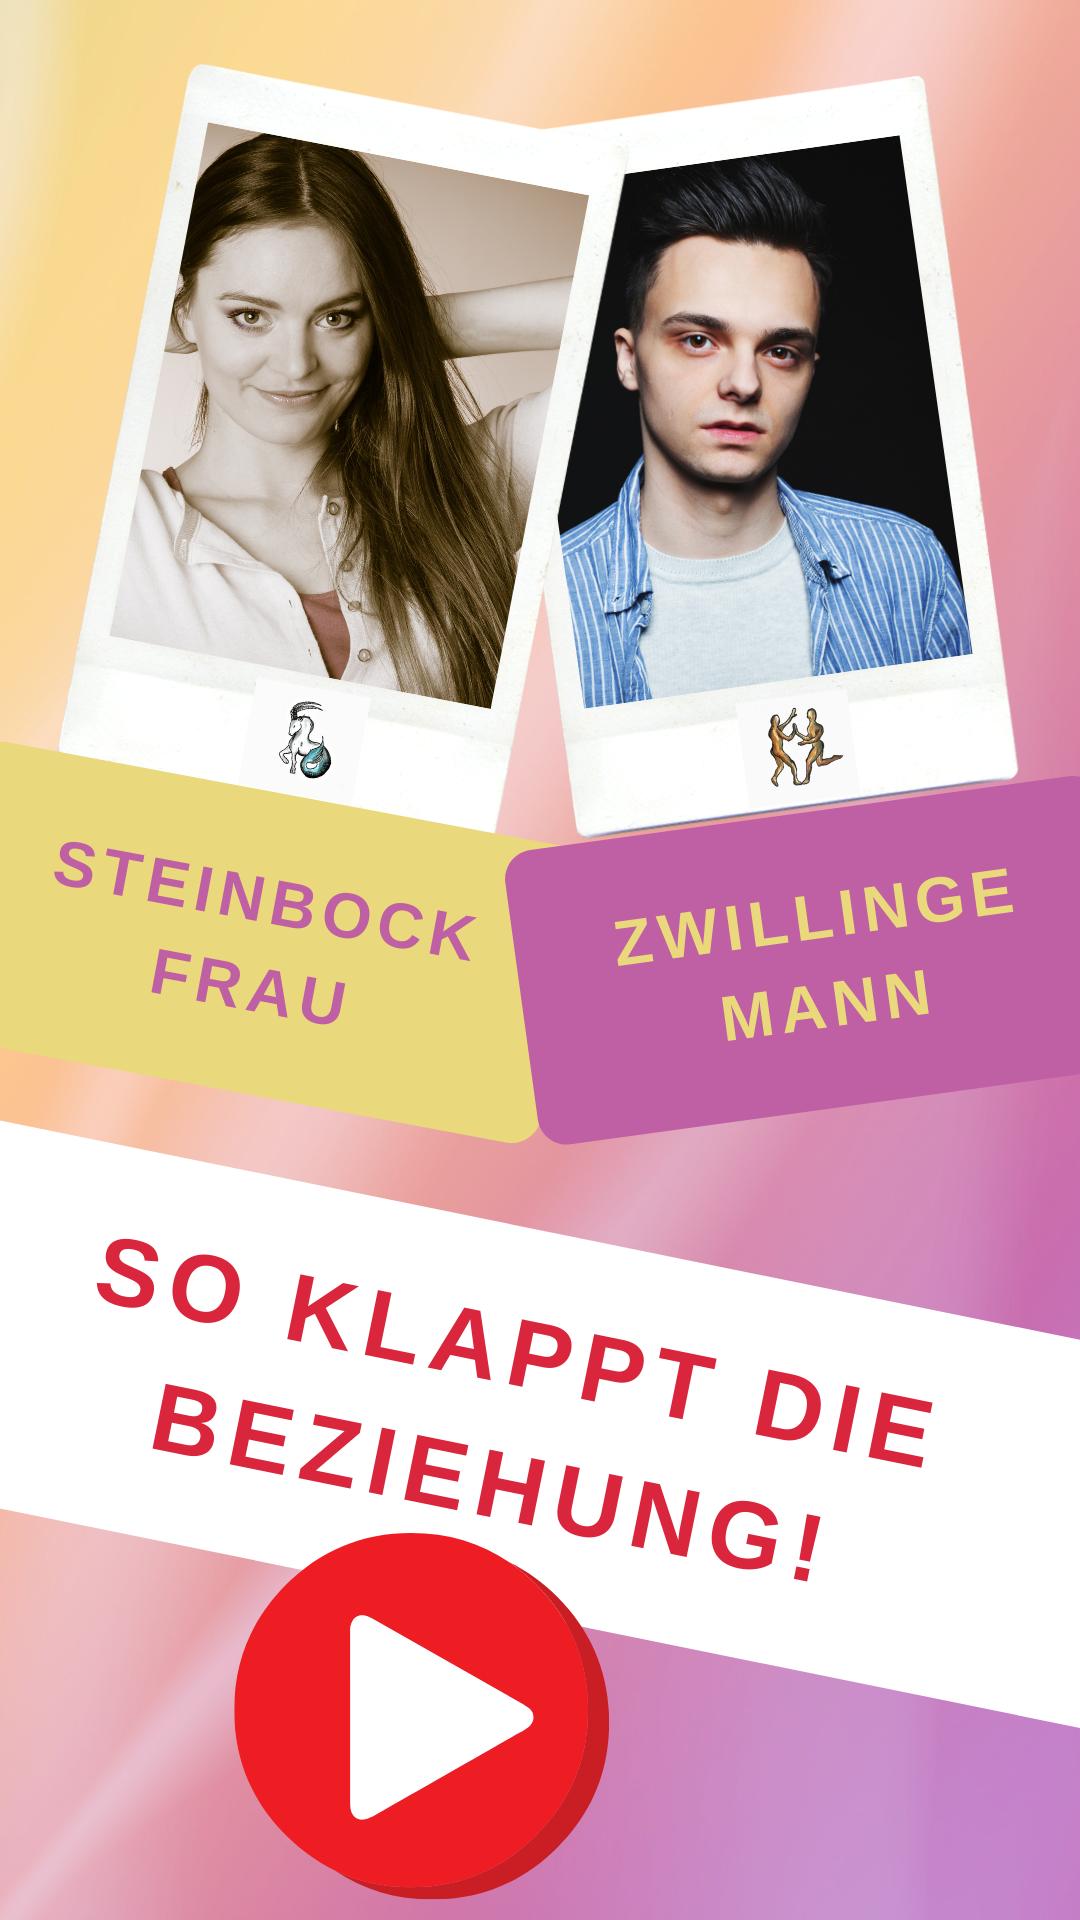 Steinbock Frau Und Jungfrau Mann